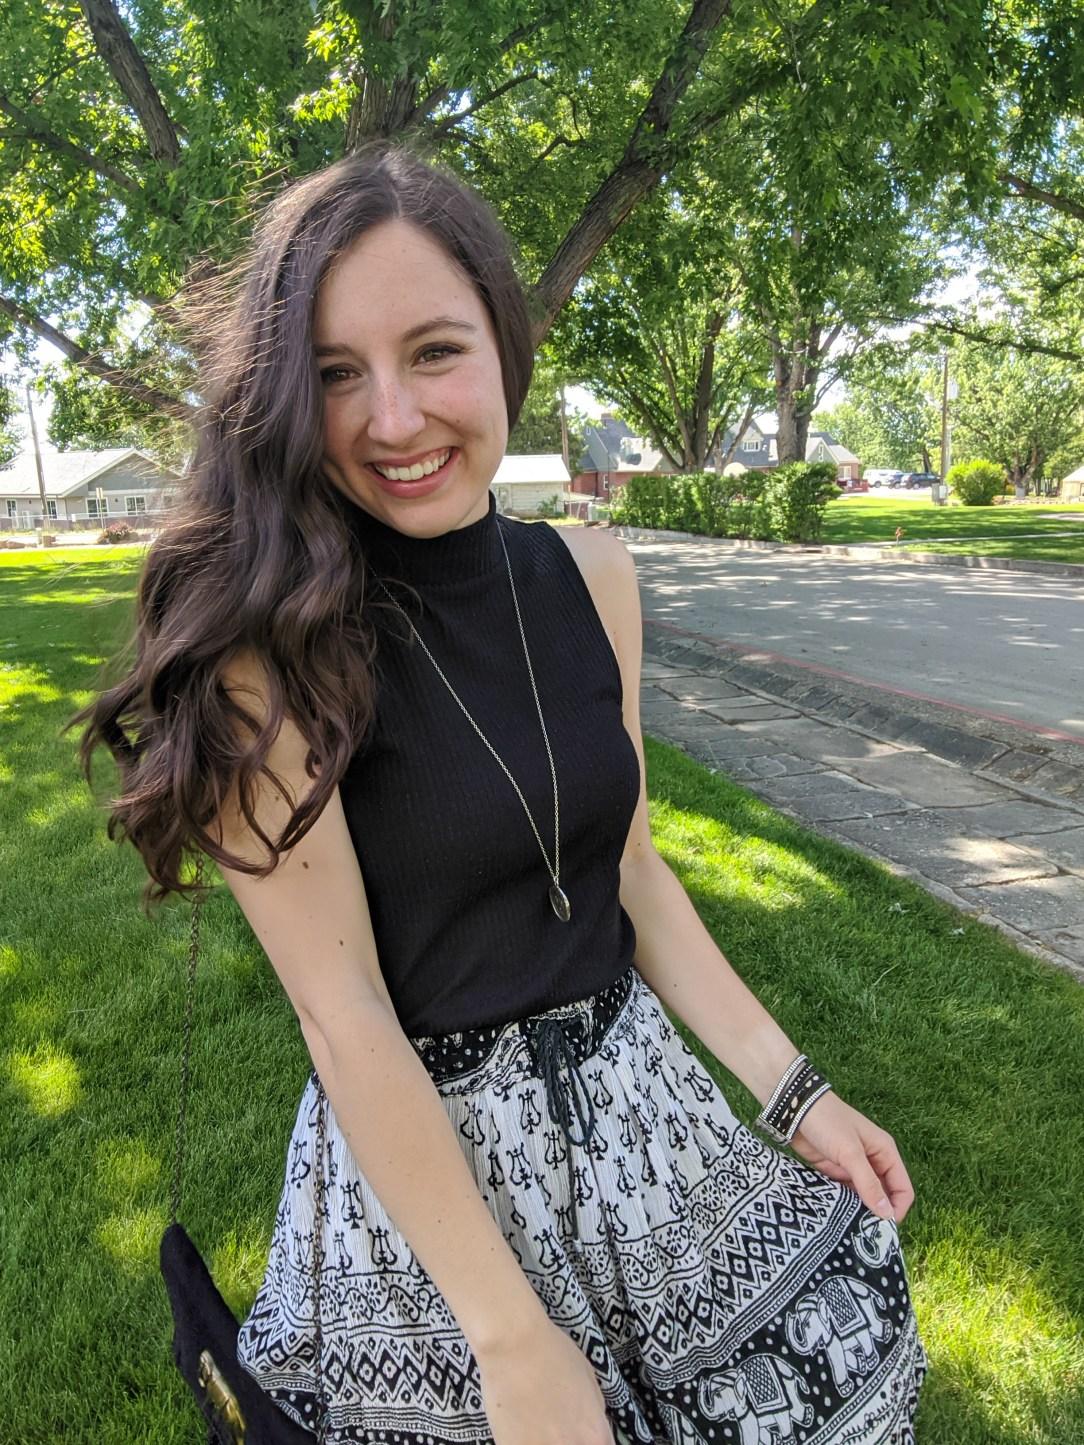 black-mockneck-top-patterned-skirt-summer-outfit